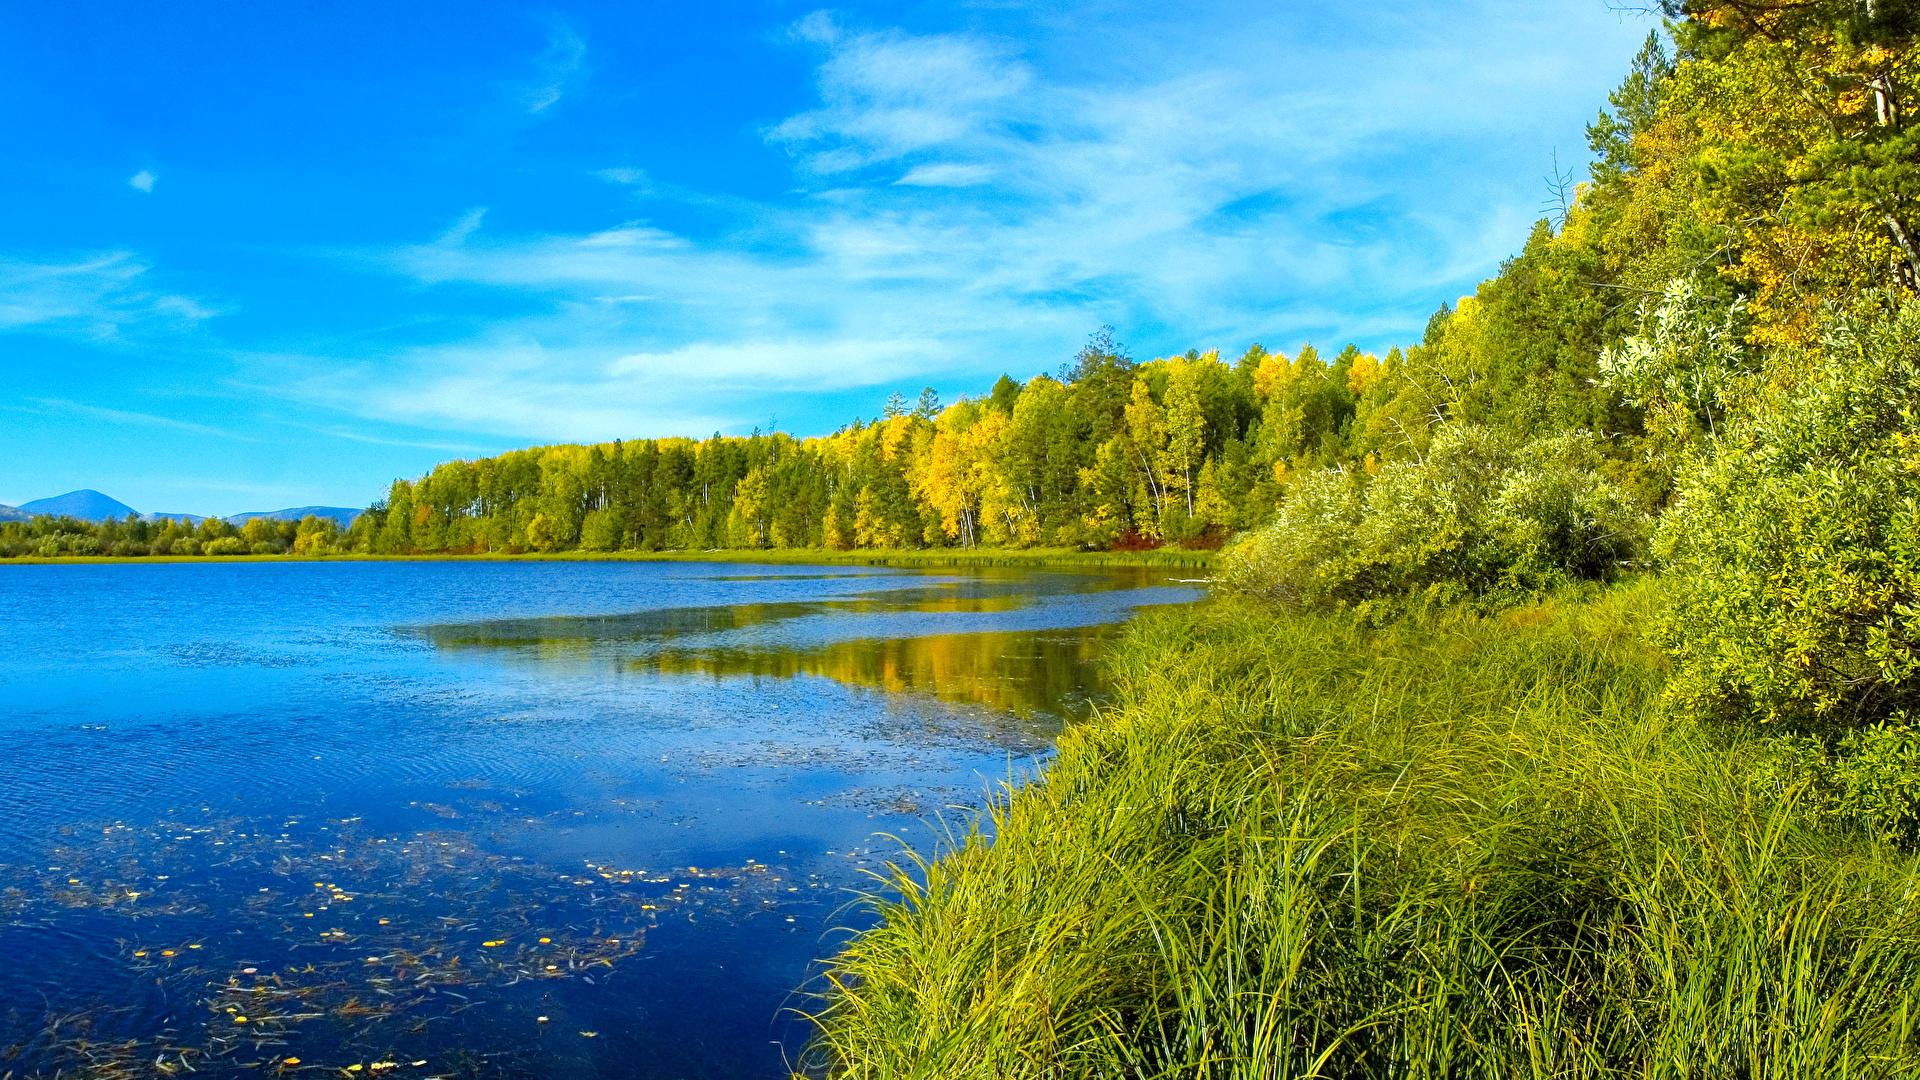 壁紙 1920x1080 風景写真 湖 夏 森林 草 自然 ダウンロード 写真